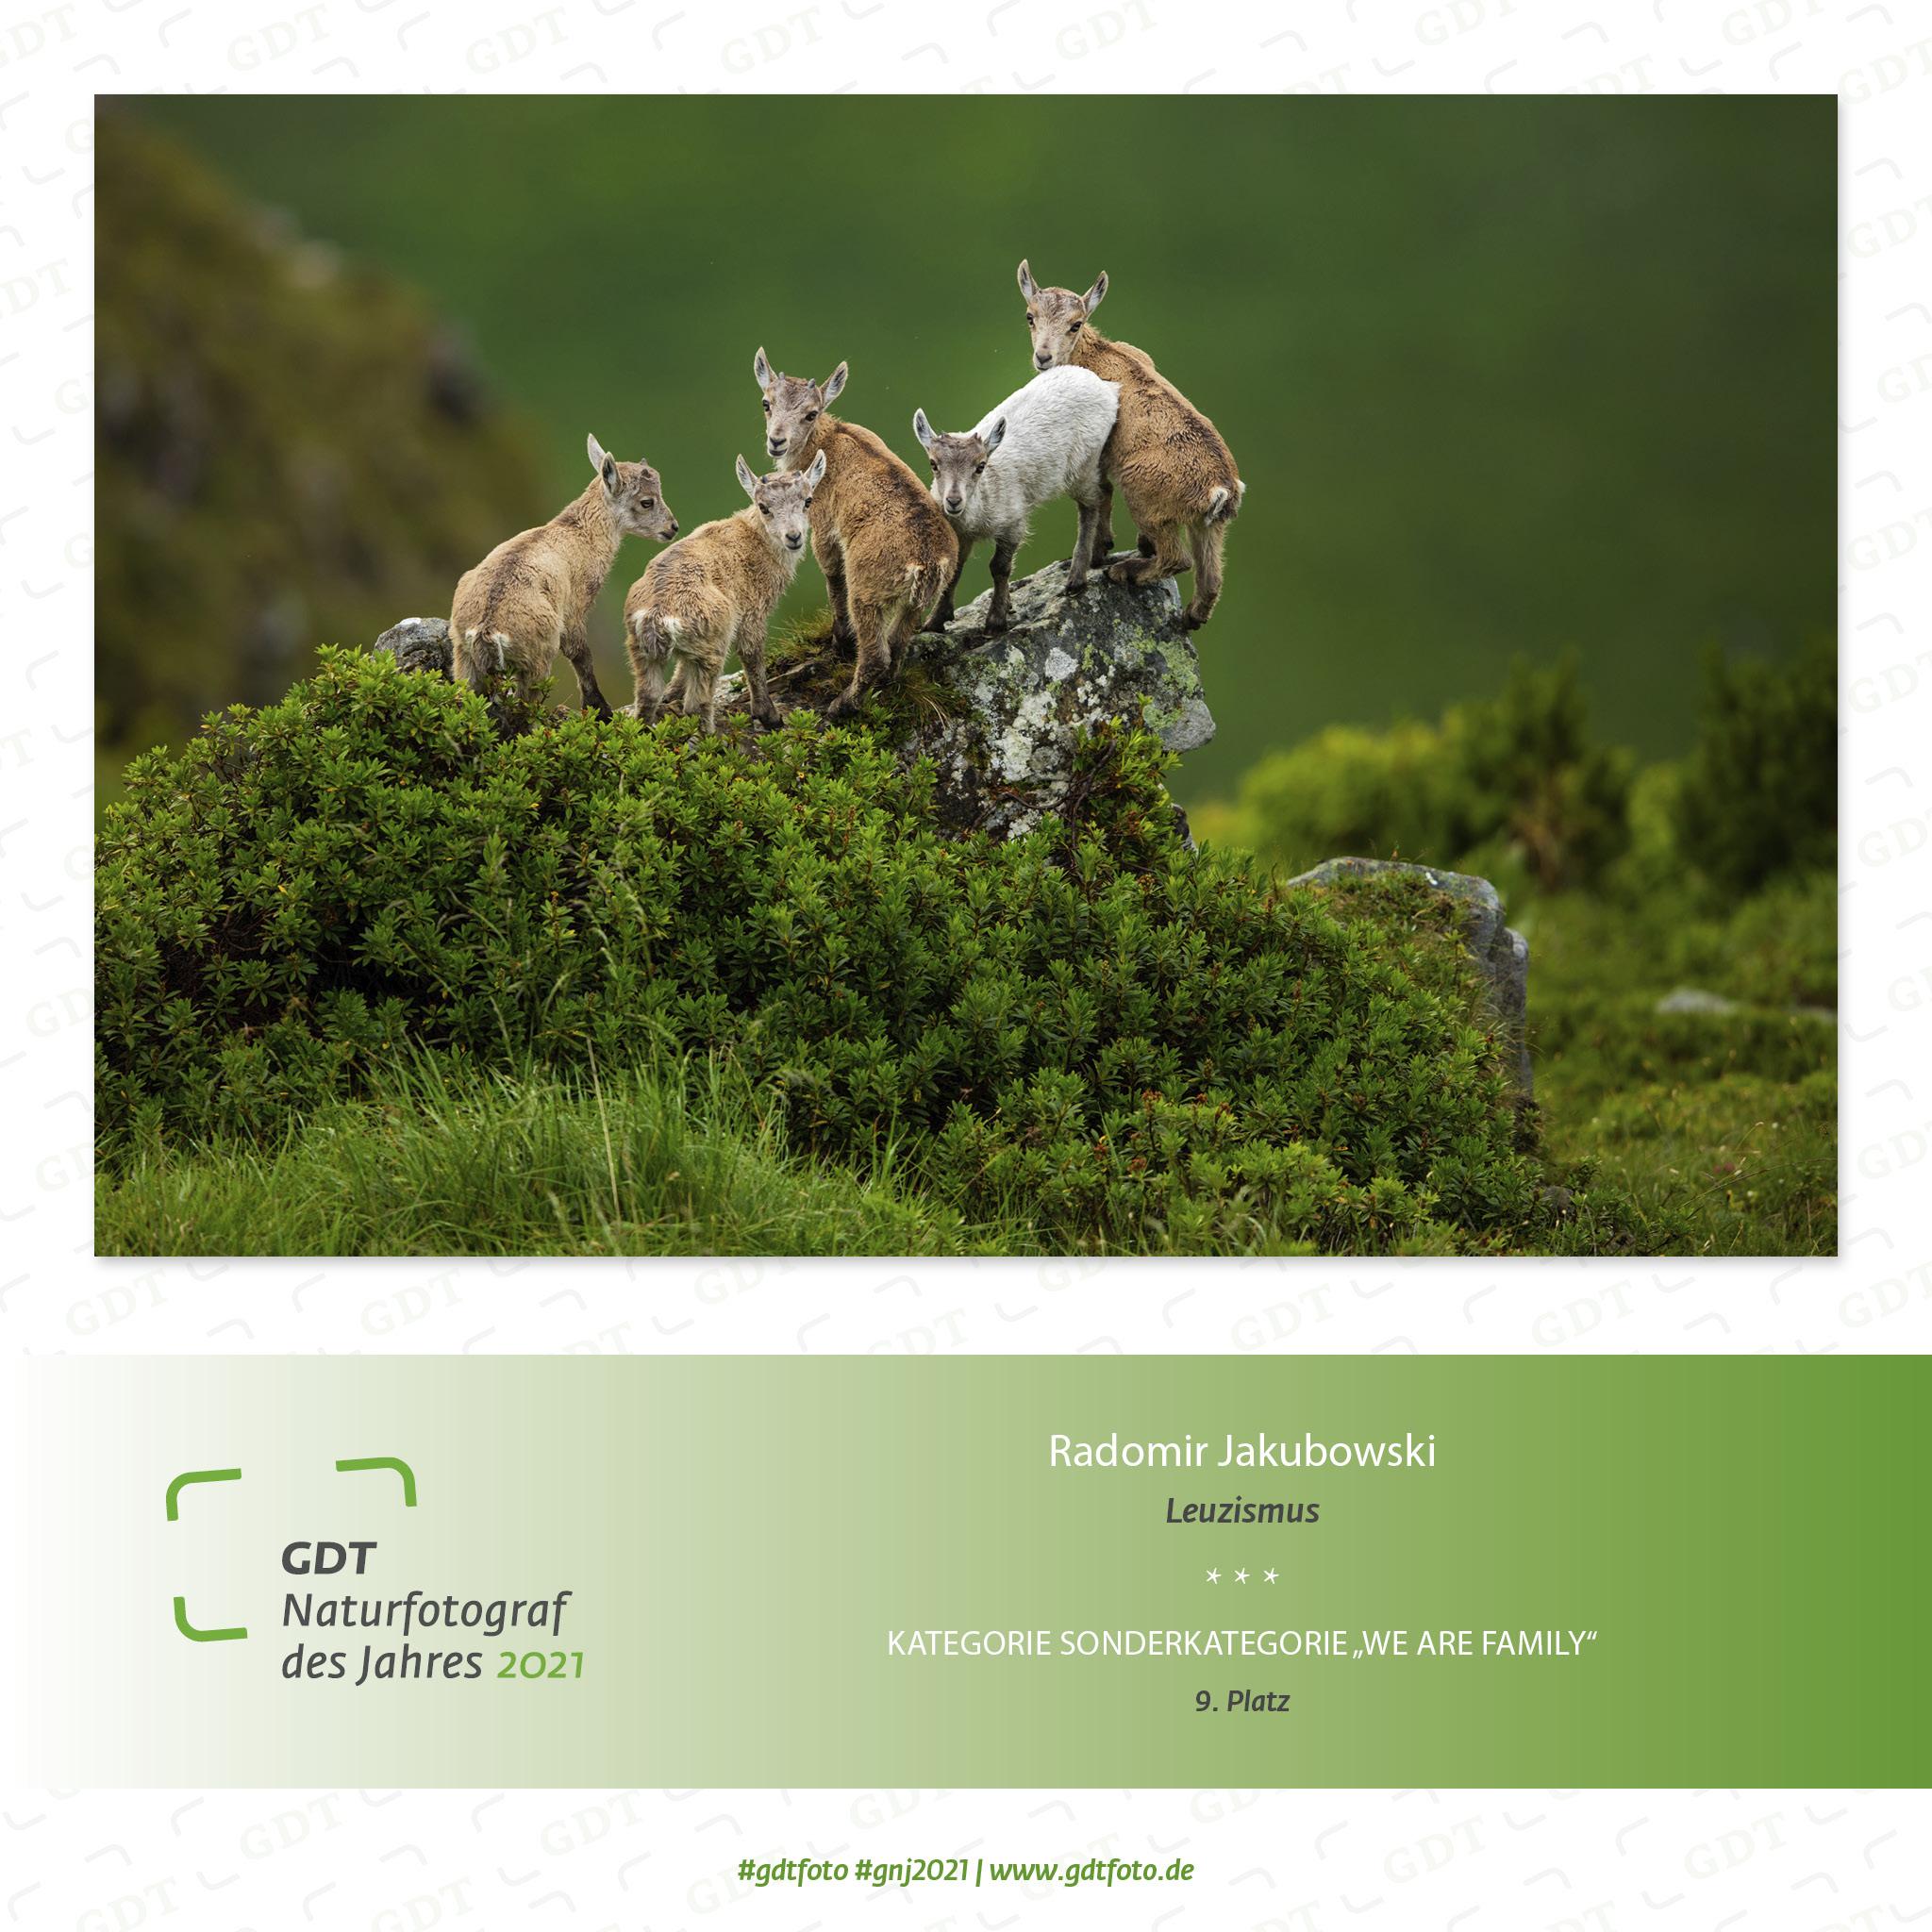 GDT Naturfotograf des Jahres 2021 und Leuzismus beim Steinbock